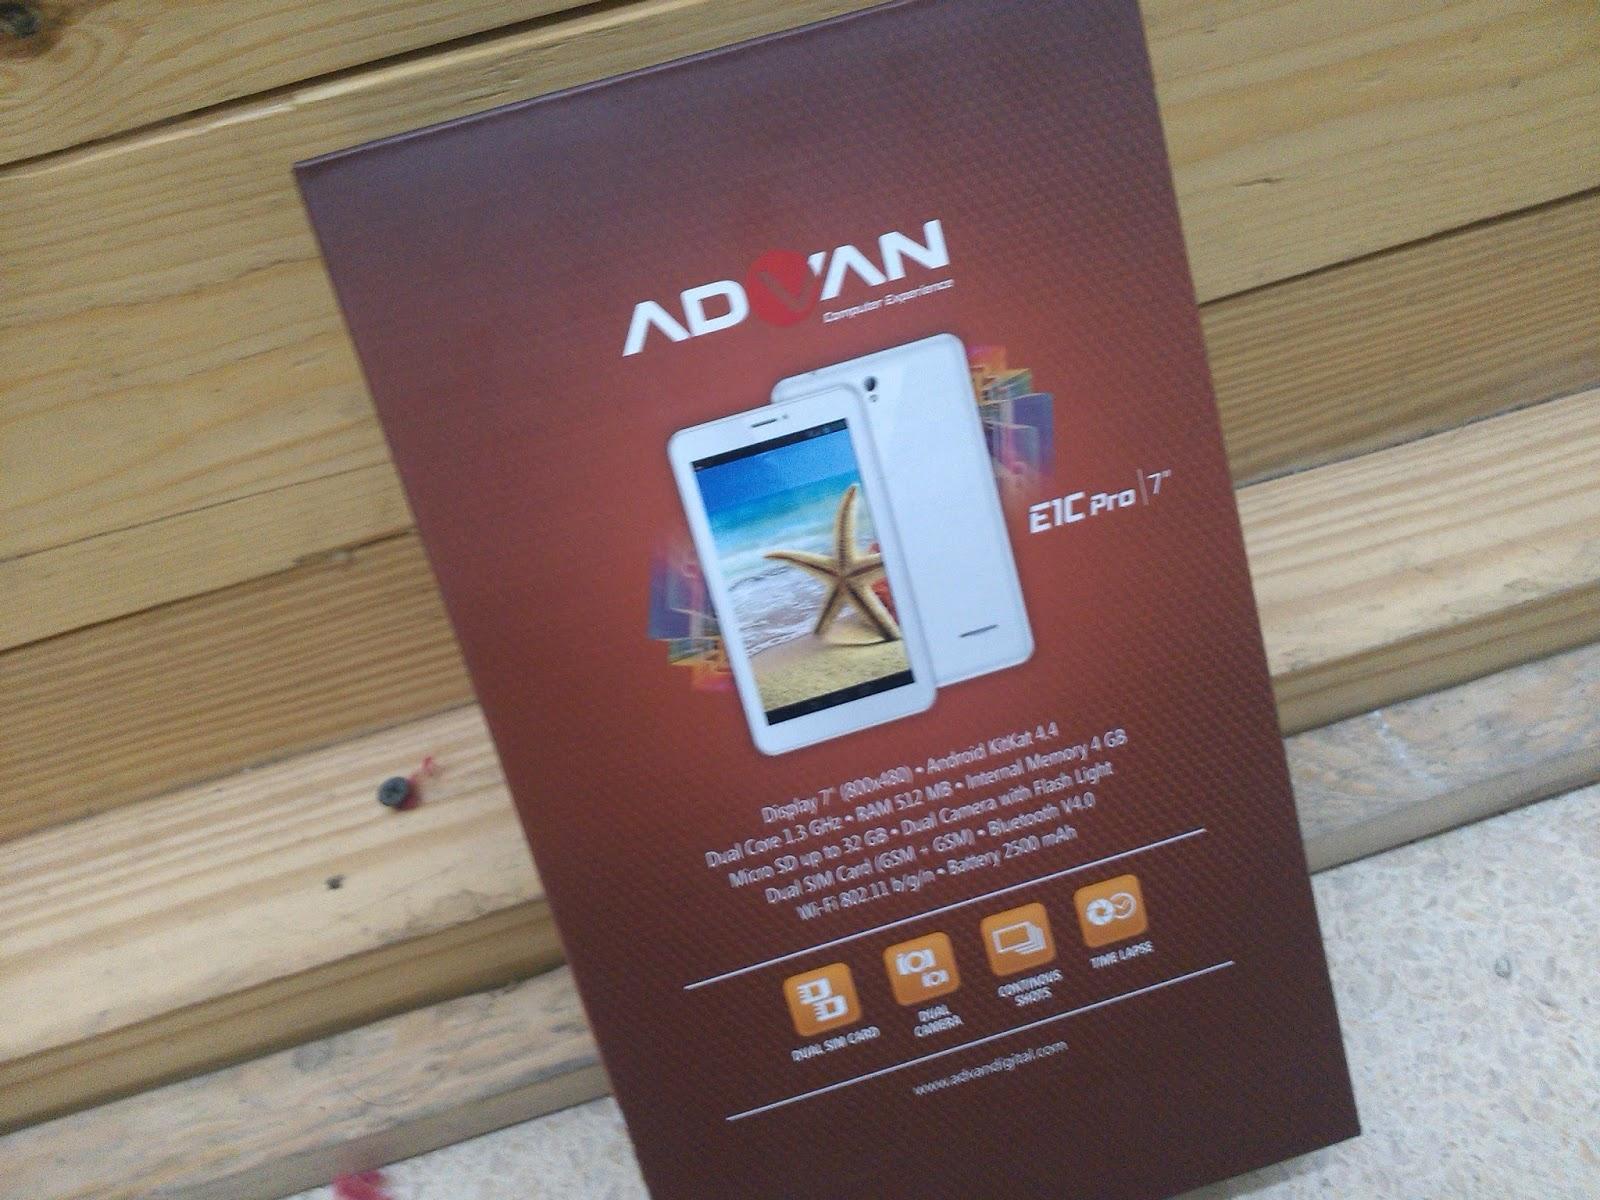 Phone Ix Cell Jogja Acer E380 Liquid E3 Duo Dual Sim 16 Gb Hitam Advan Vandroid E1c Pro Kitkat